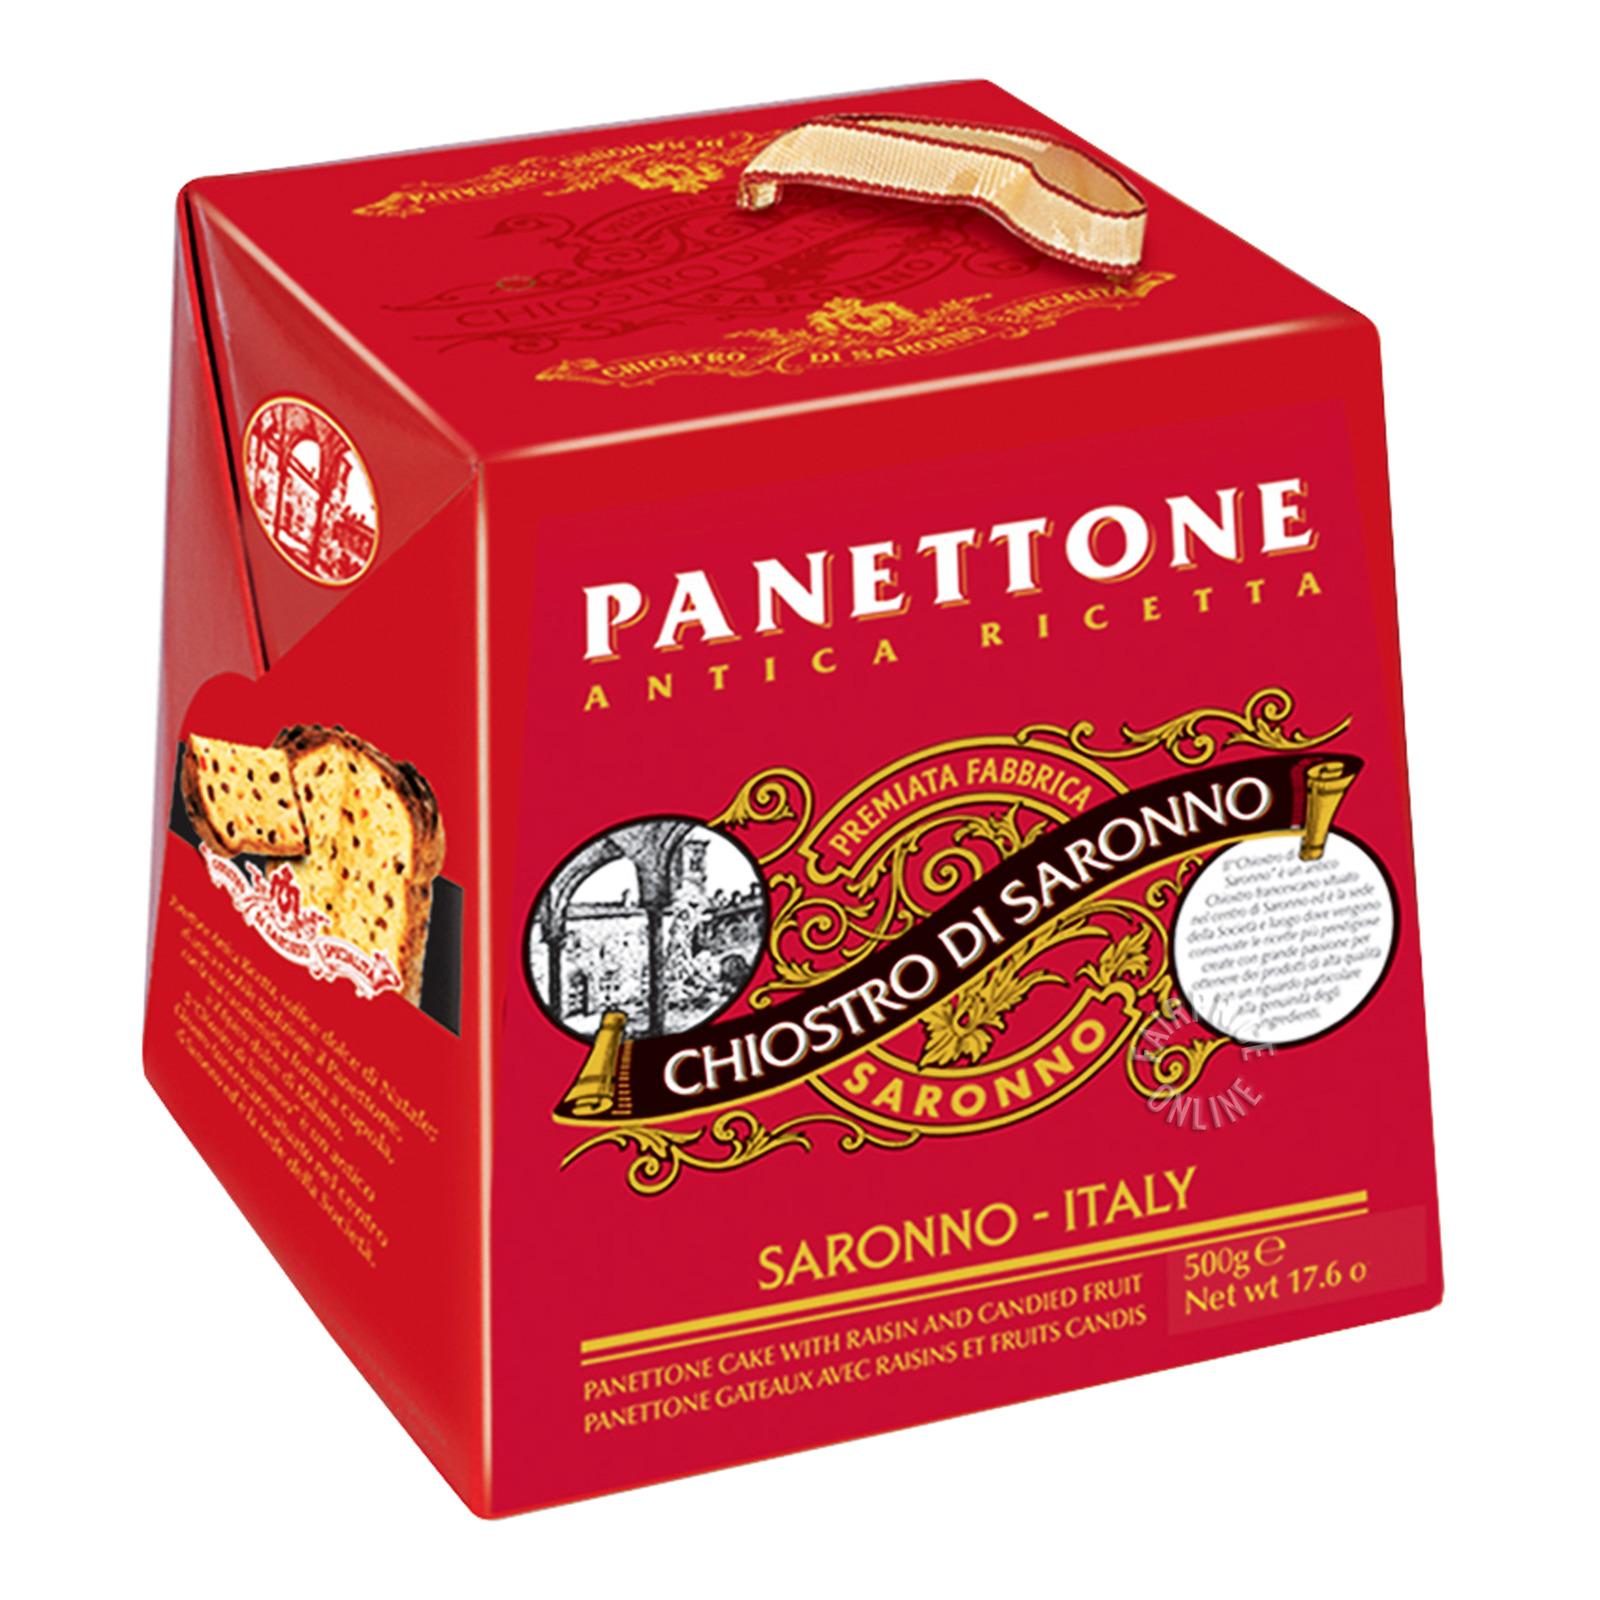 Chiostro Di Saronno Panettone Cake - Traditional